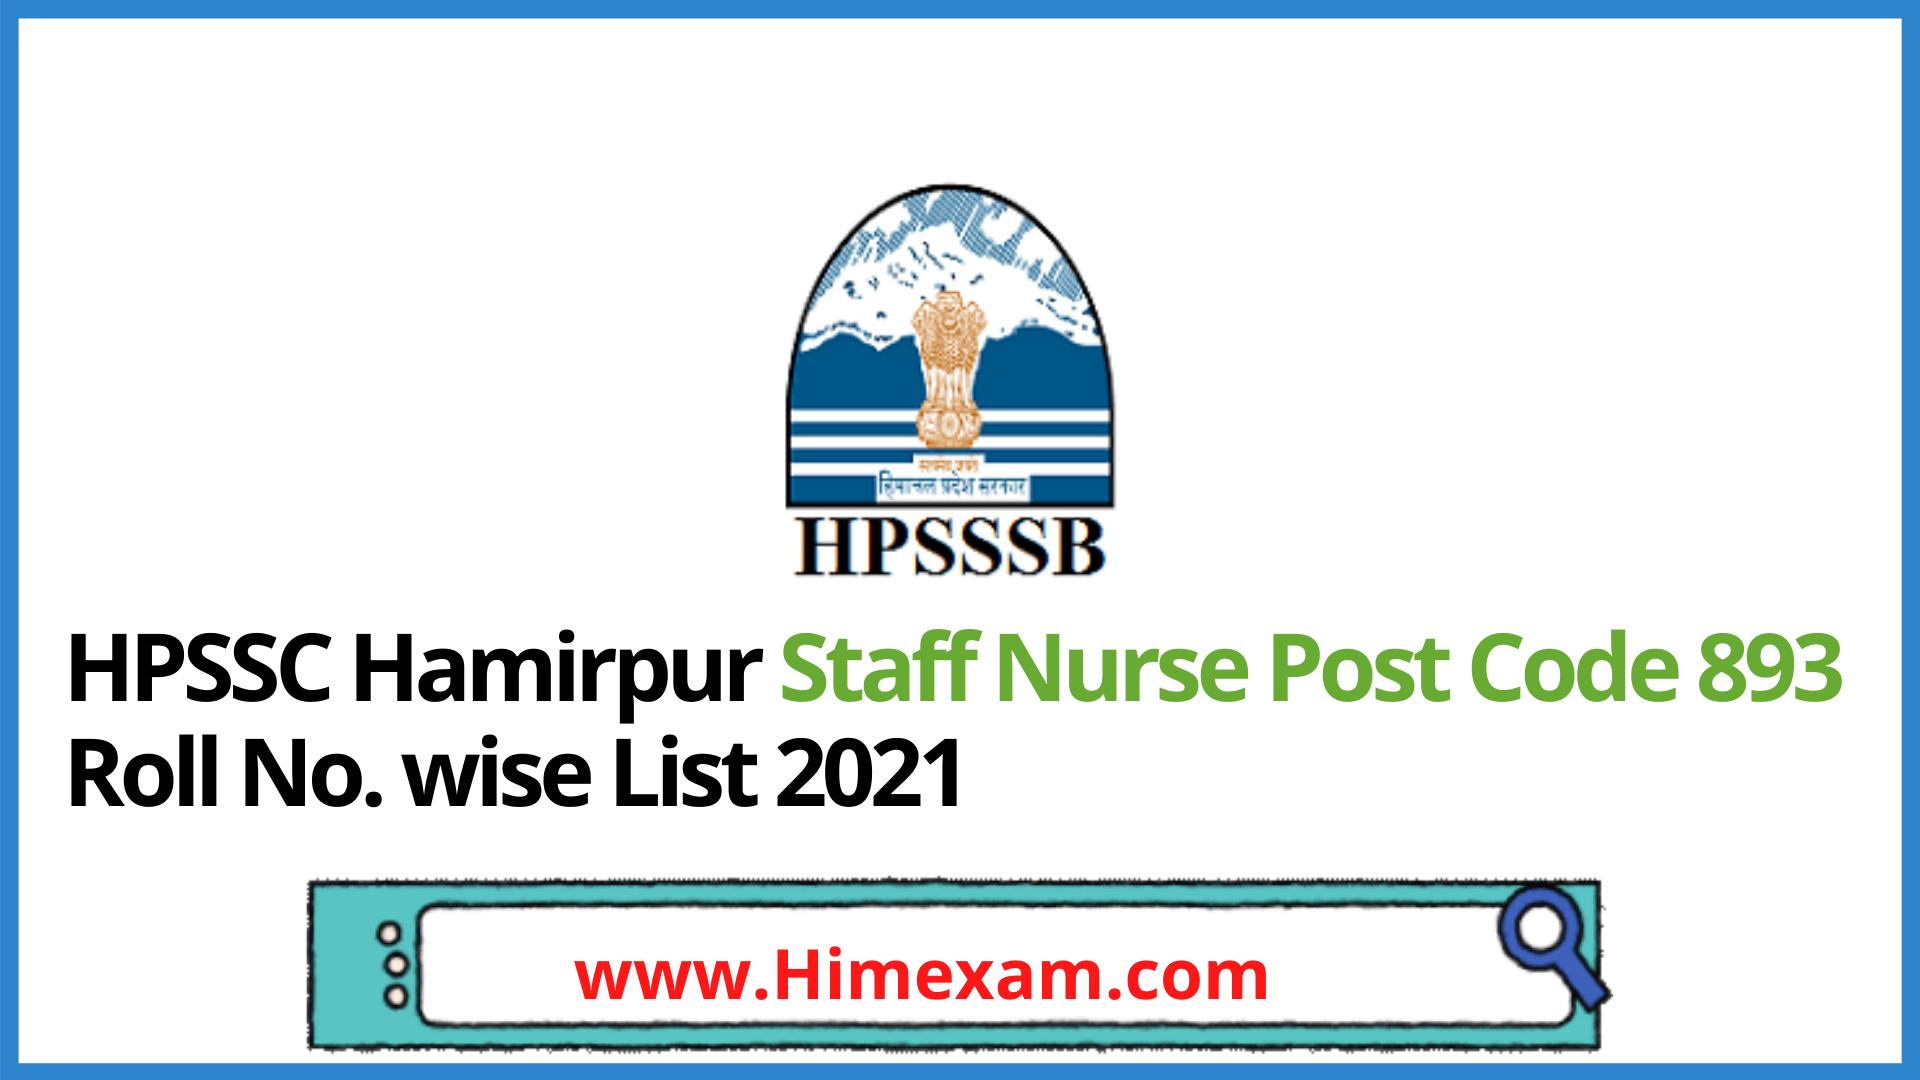 HPSSC Hamirpur Staff Nurse Post Code 893 Roll No. wise List 2021